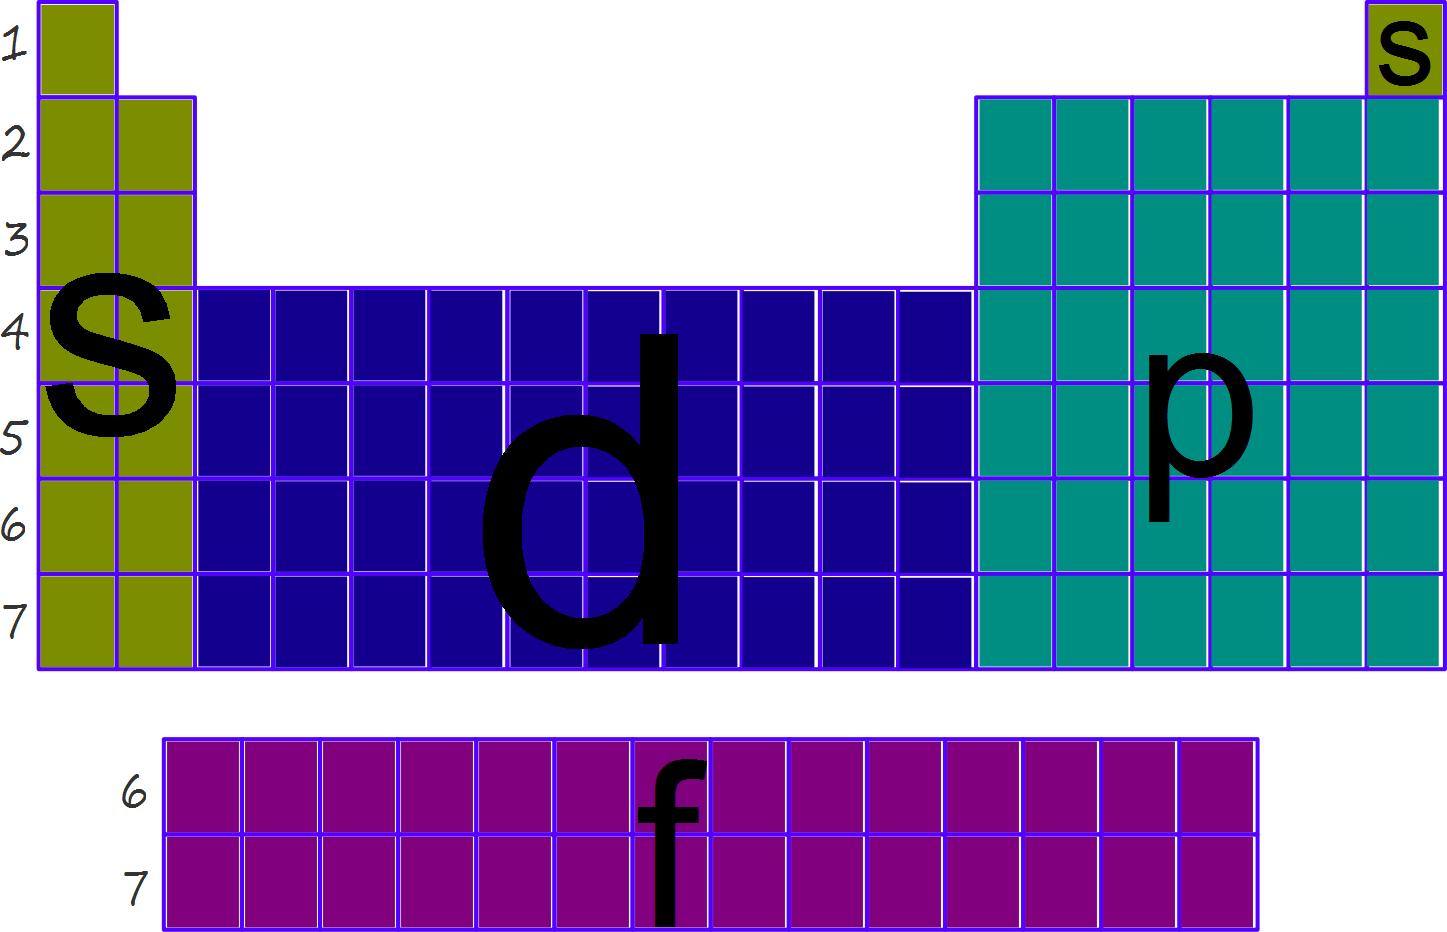 Un acercamiento a la quimica bloque ii el lenguaje de la qumica http4bpspot efw5ecpnatz11jb1qpbiaaaaaaaadkacnpsydb108s1600 bloquesdelatablaperiodicag urtaz Image collections